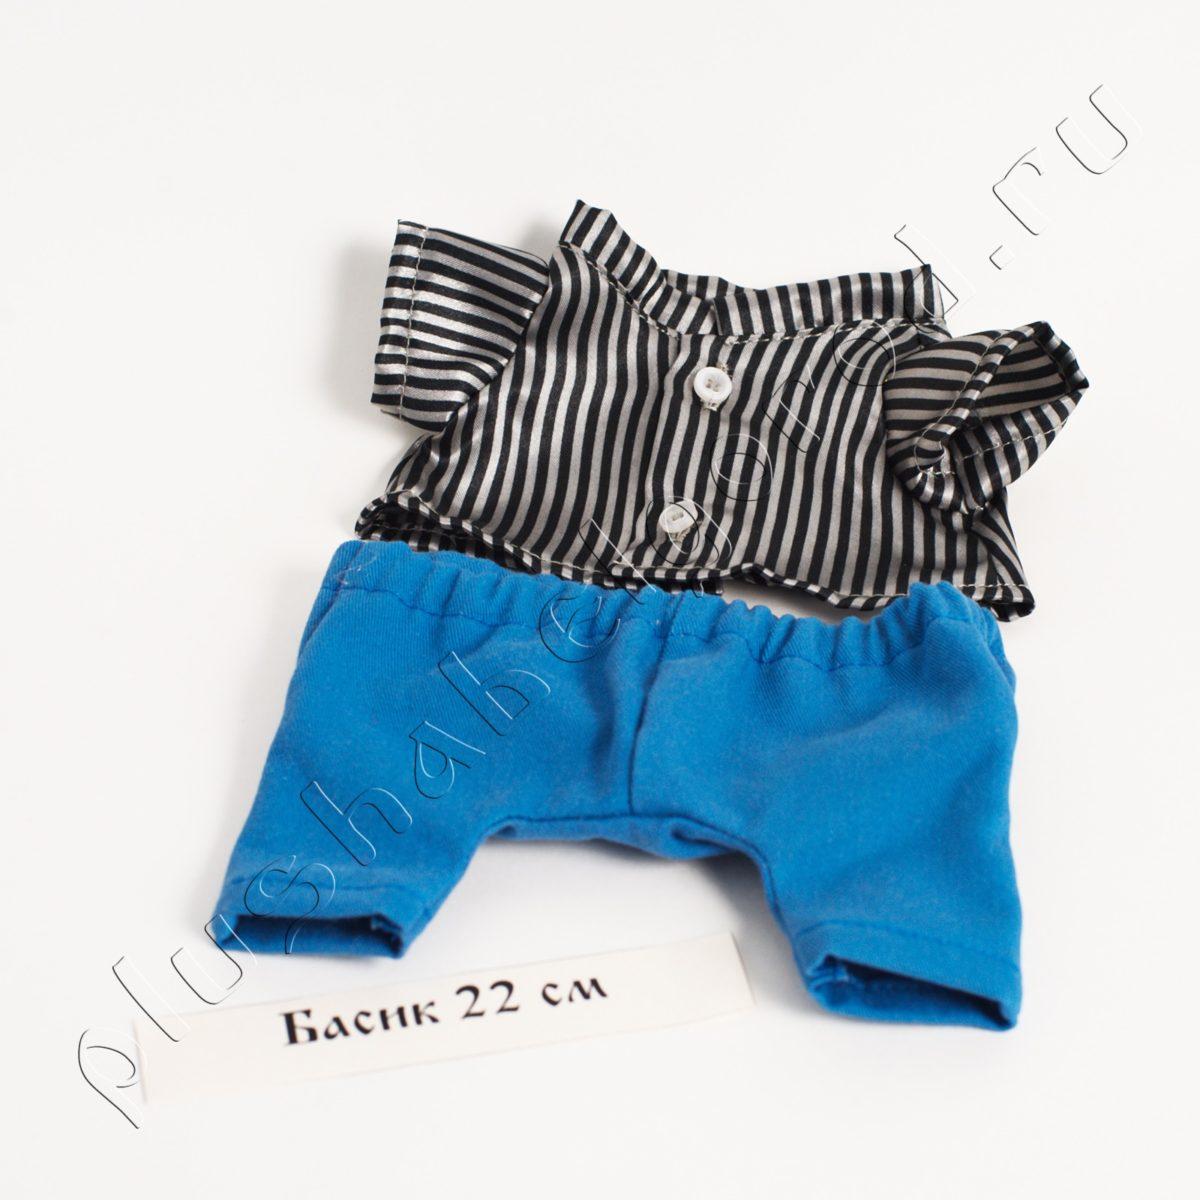 Акция! Выгода 100₽! Брюки голубые и рубашка в полоску (22)